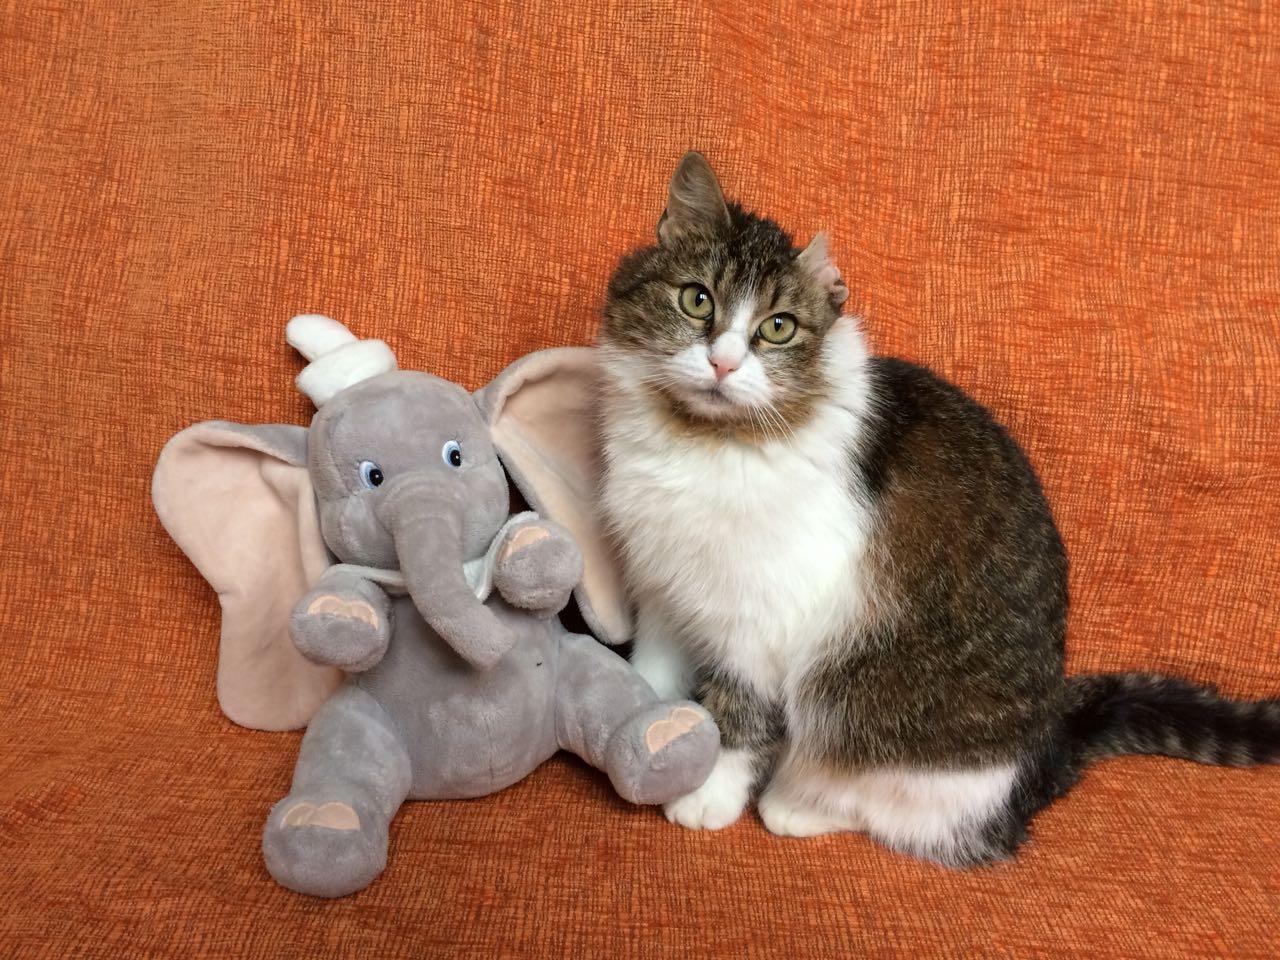 Ищу моего Человека на всю, всю долгую и счастливую кошачью жизнь!